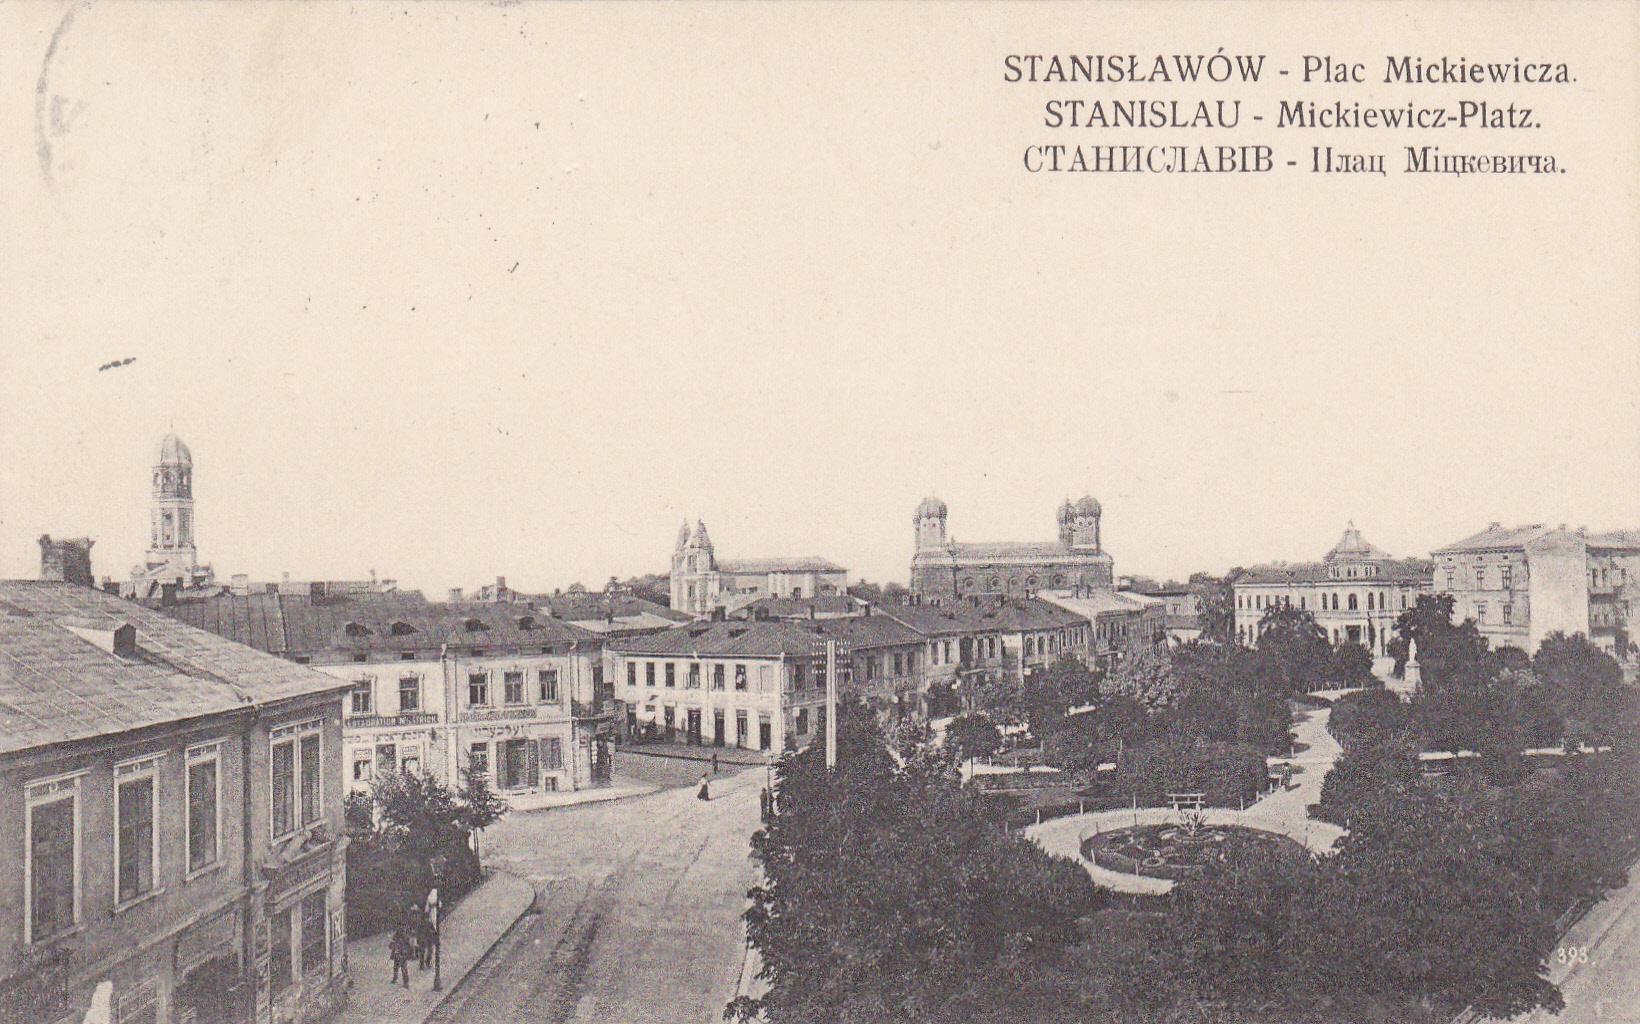 Базари старого Станиславова ІІ. Де у місті процвітала роздрібна торгівля